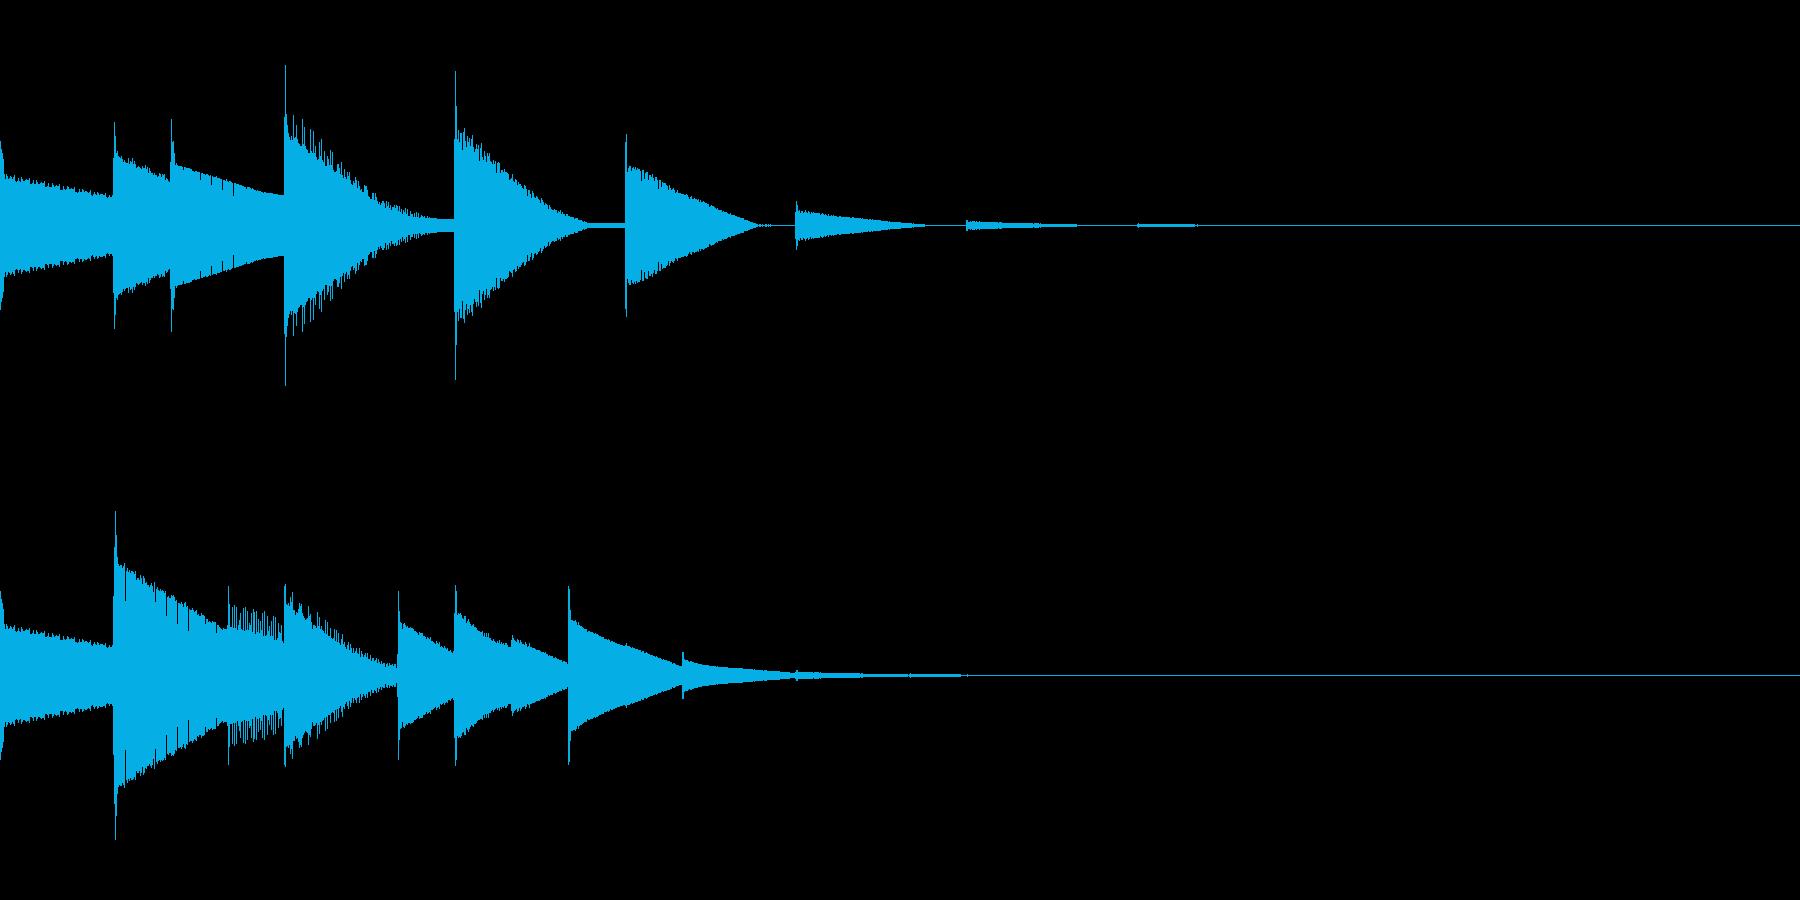 ピロリン(宿屋/ピコピコ/回復/魔法の再生済みの波形